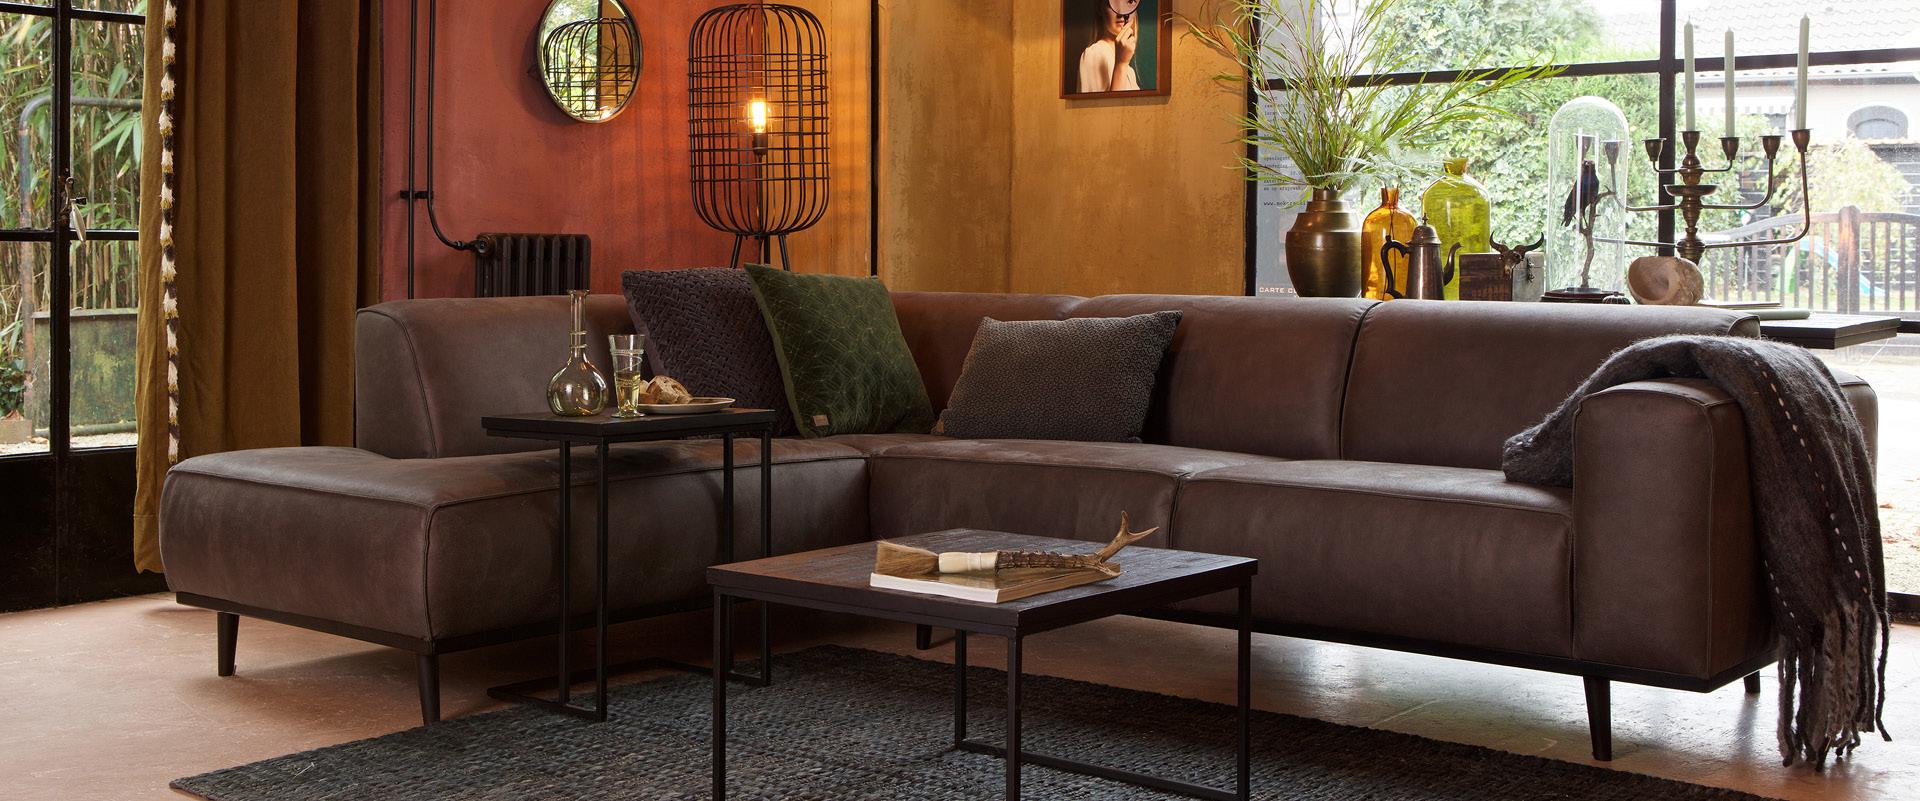 Designermöbel Günstig Kaufen Schreibtisch Designermöbel Deutsche